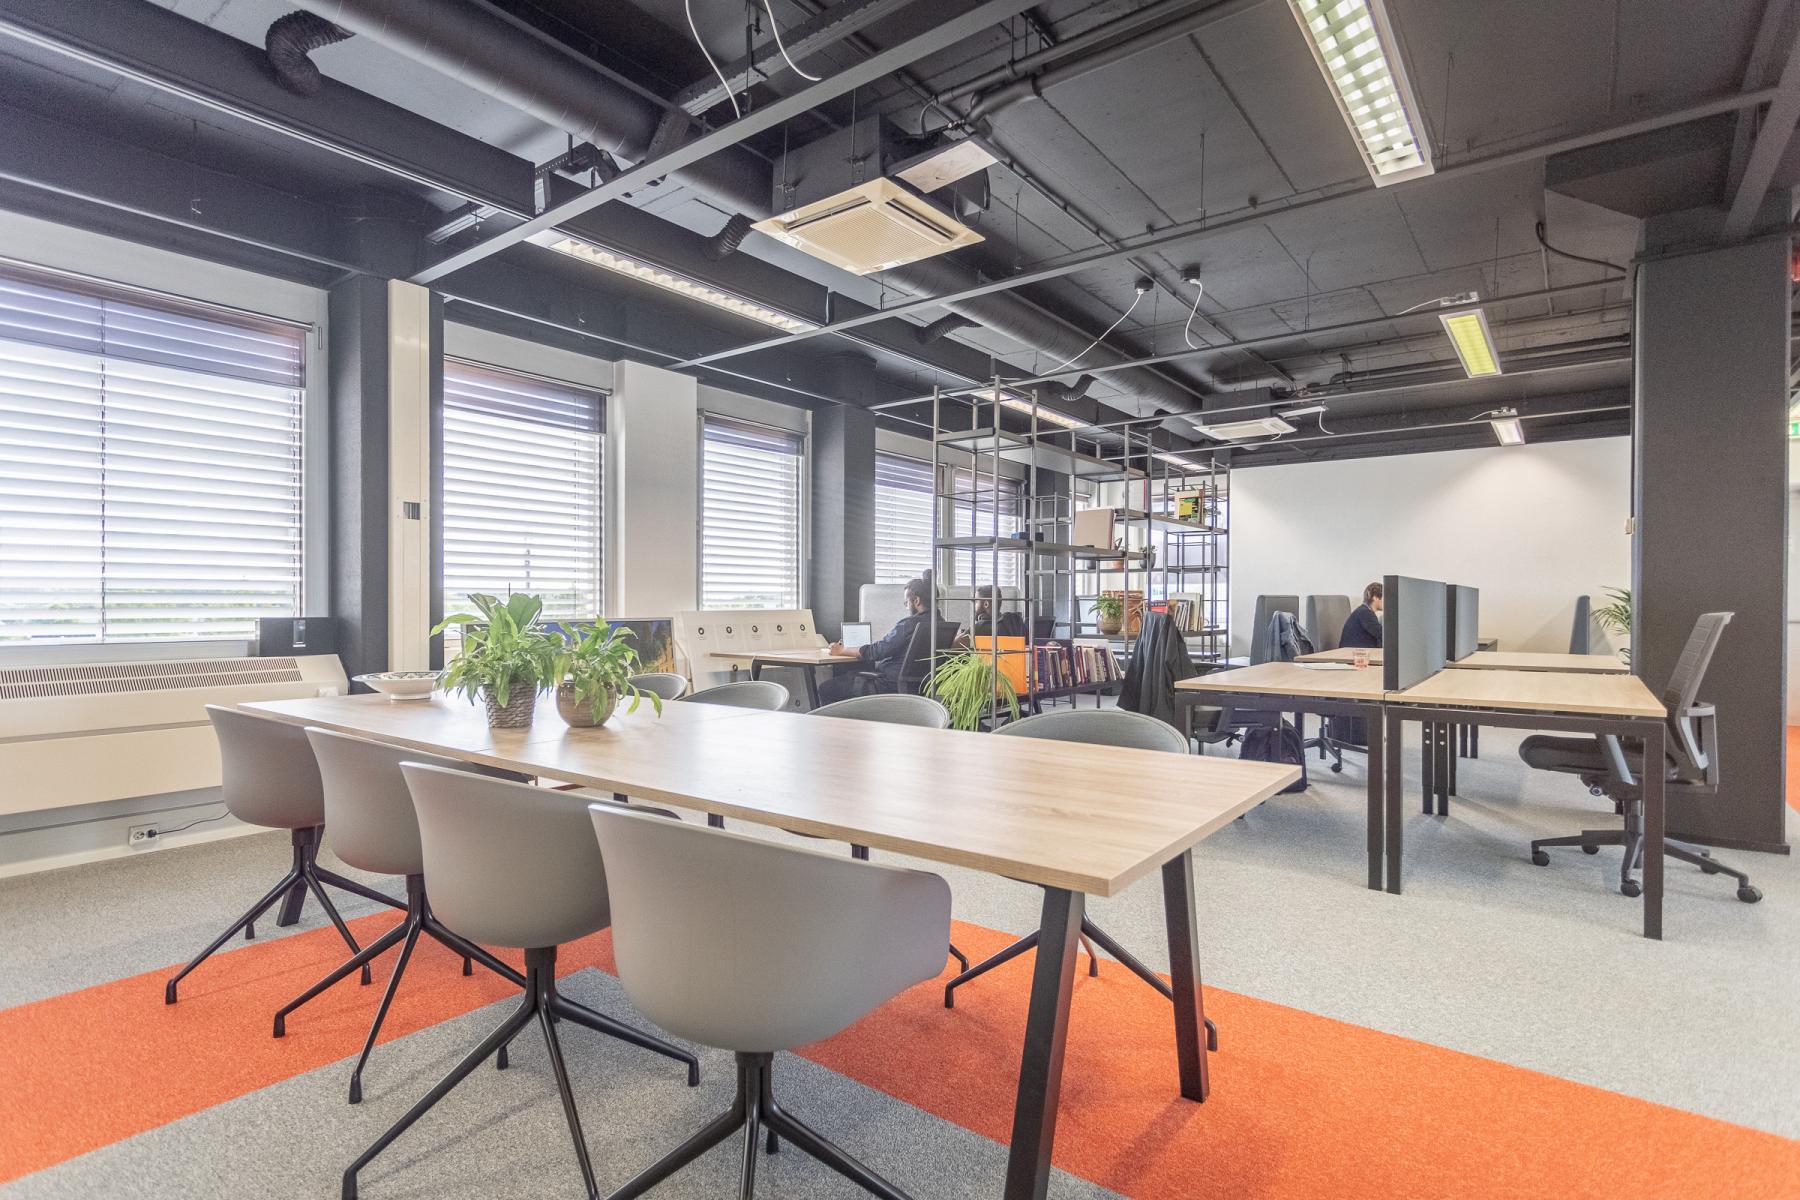 algemene ruimte kantoorgebouw utrecht